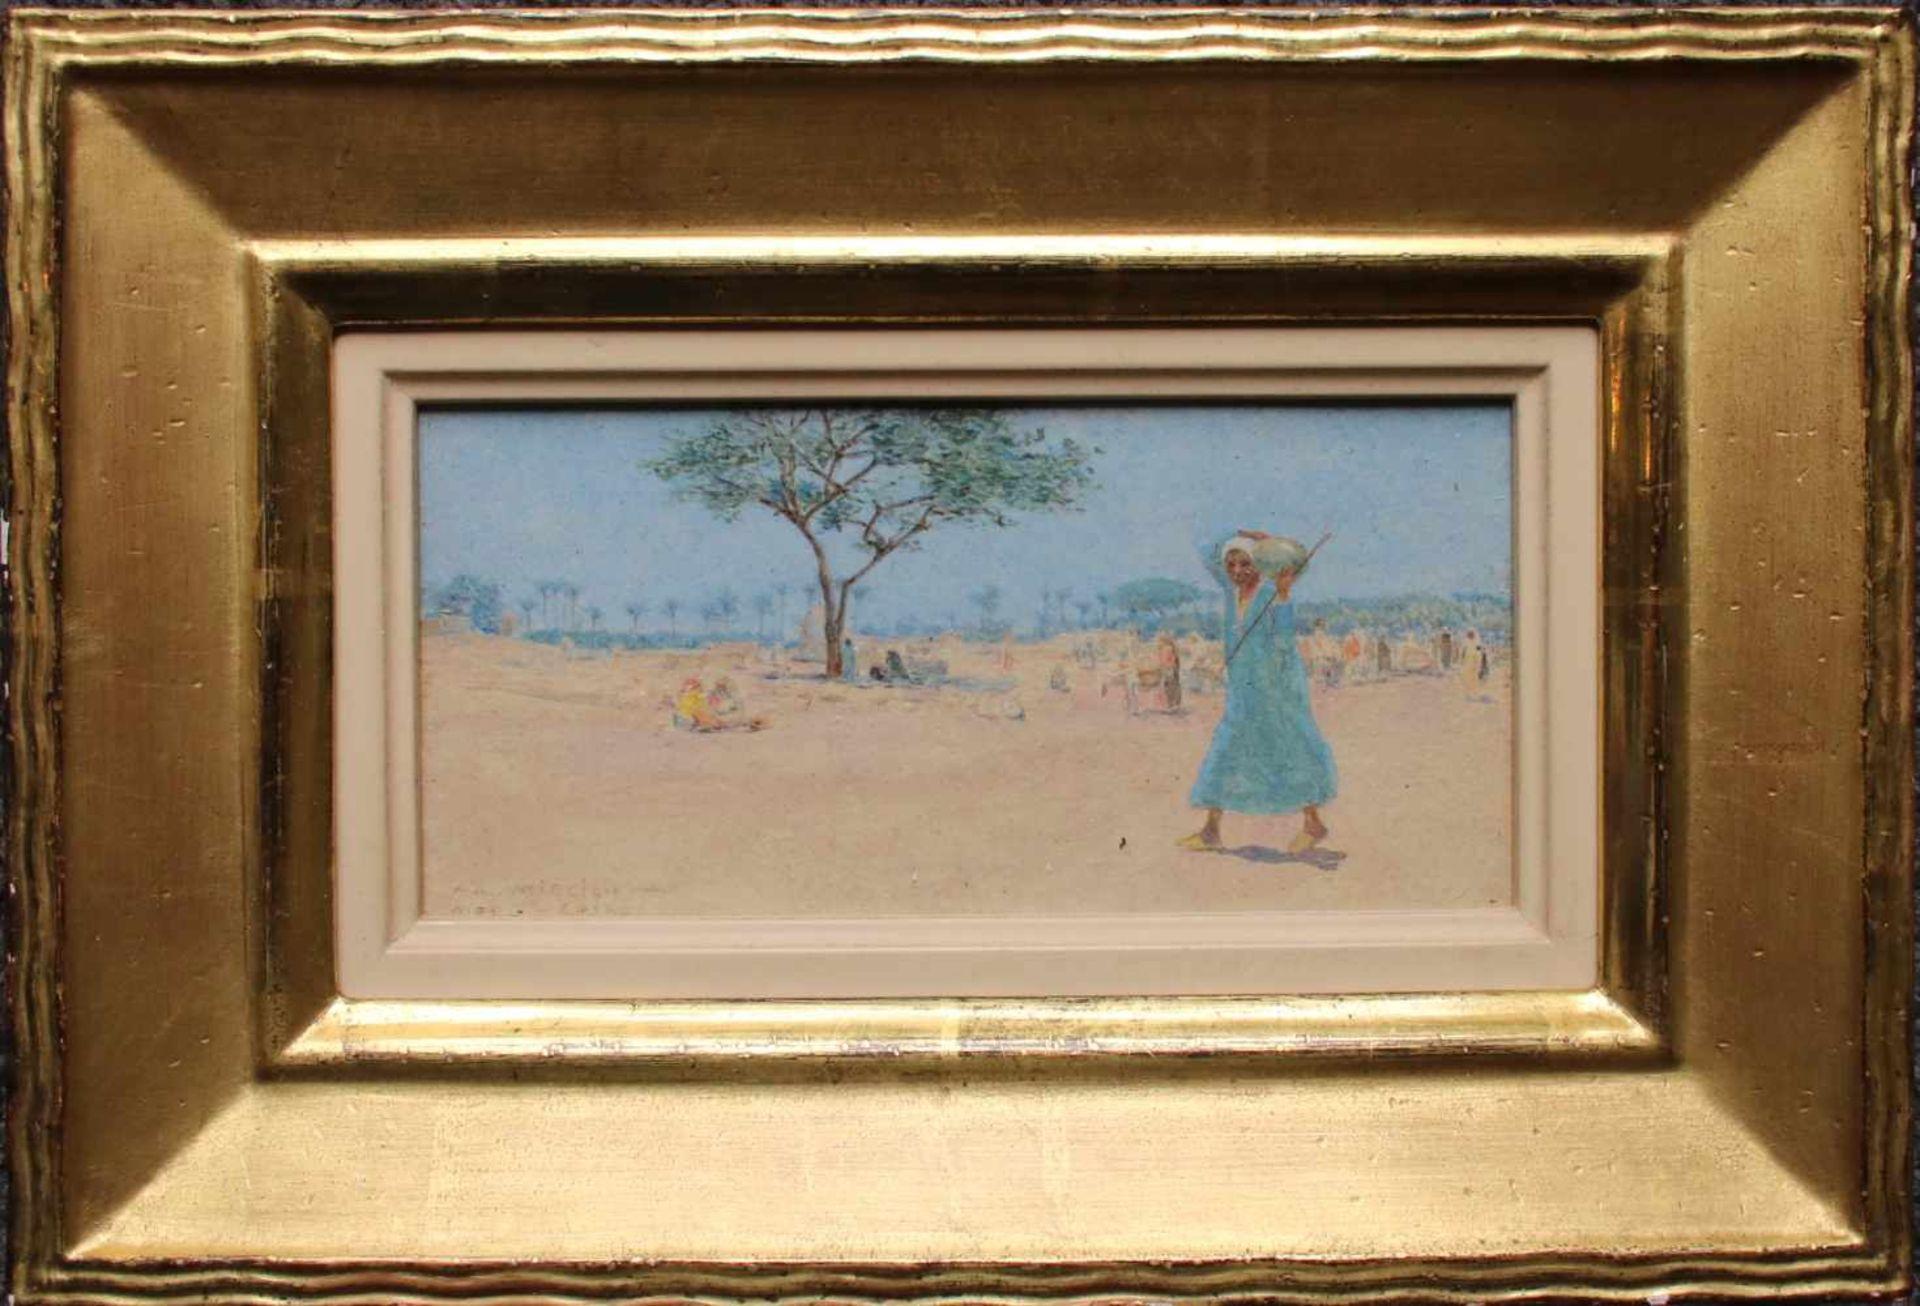 Alphons Leopold Mielich (1863 - 1929) Merg - Cairo Öl auf Karton Signiert und betitelt 7,5 x 16 cm